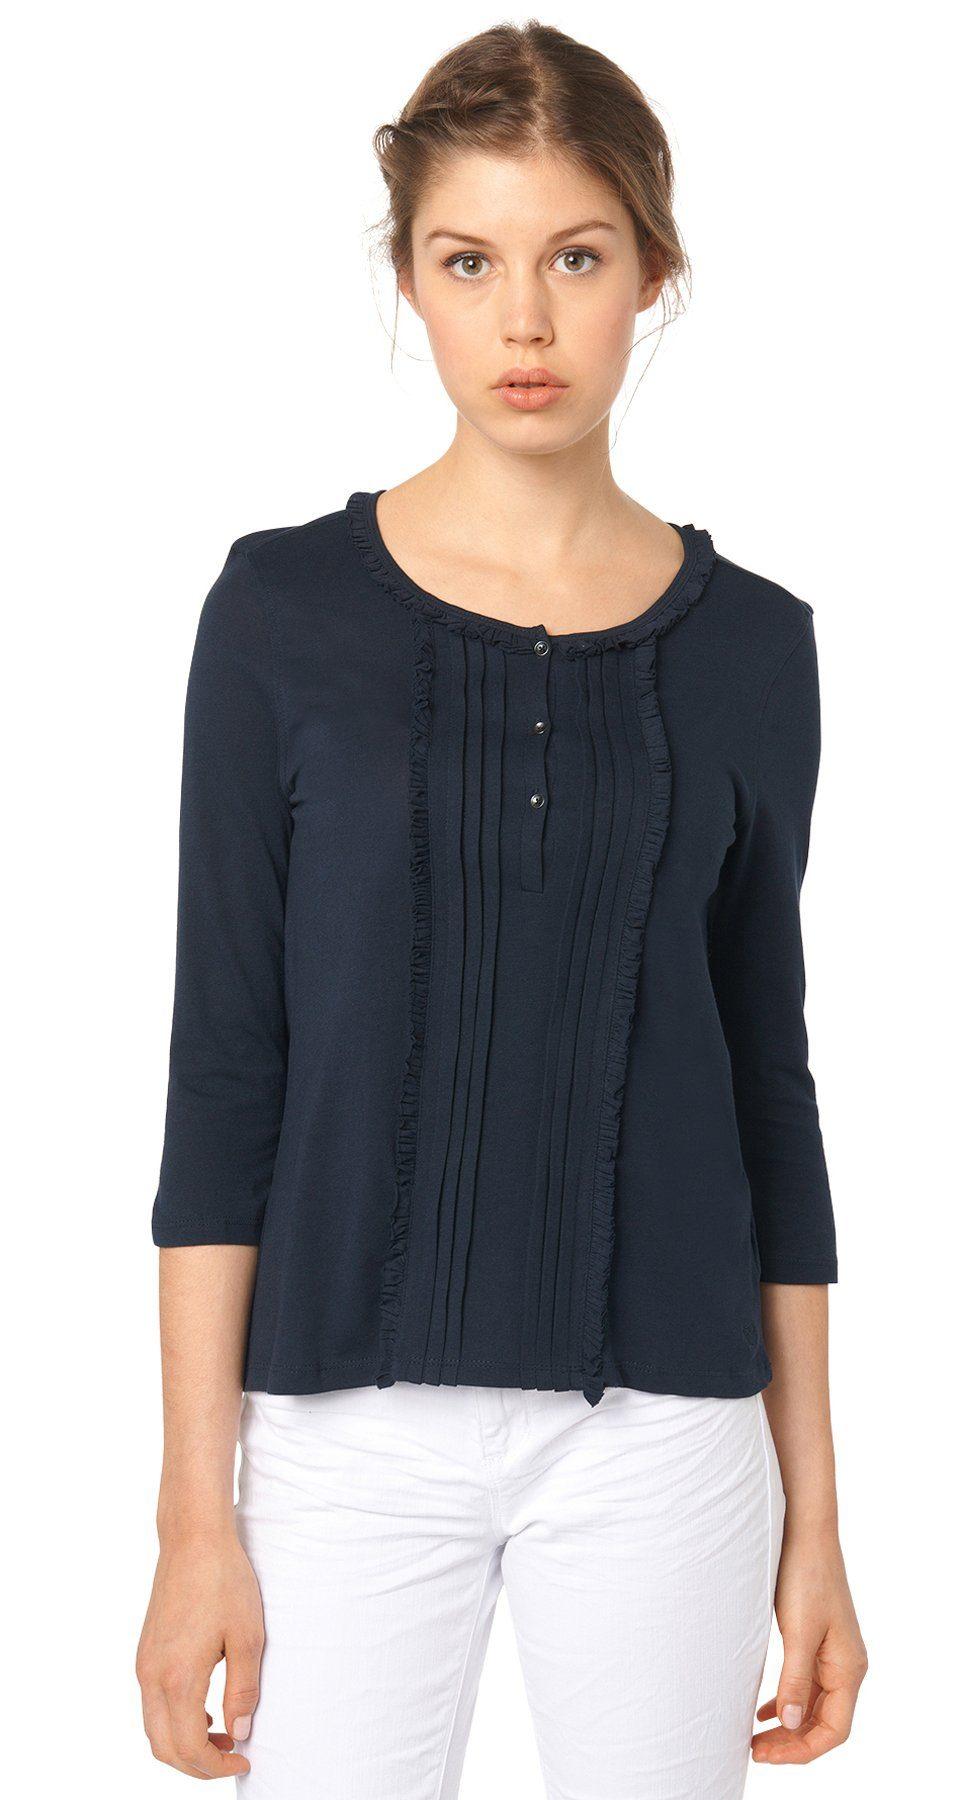 TOM TAILOR DENIM T-Shirt »feminines Shirt mit Rüschen-Details«